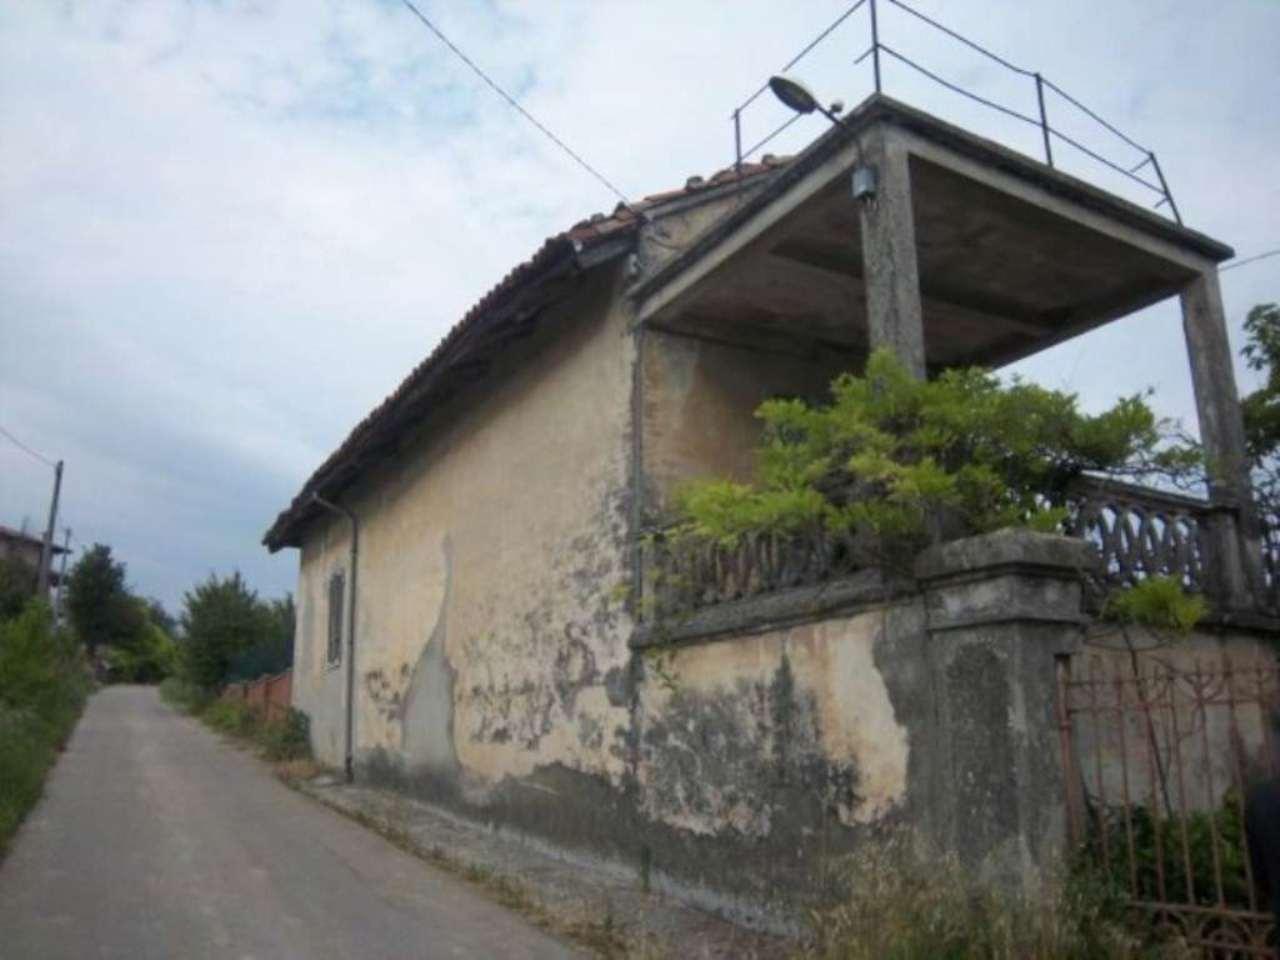 Rustico / Casale in vendita a Neive, 6 locali, prezzo € 300.000 | CambioCasa.it